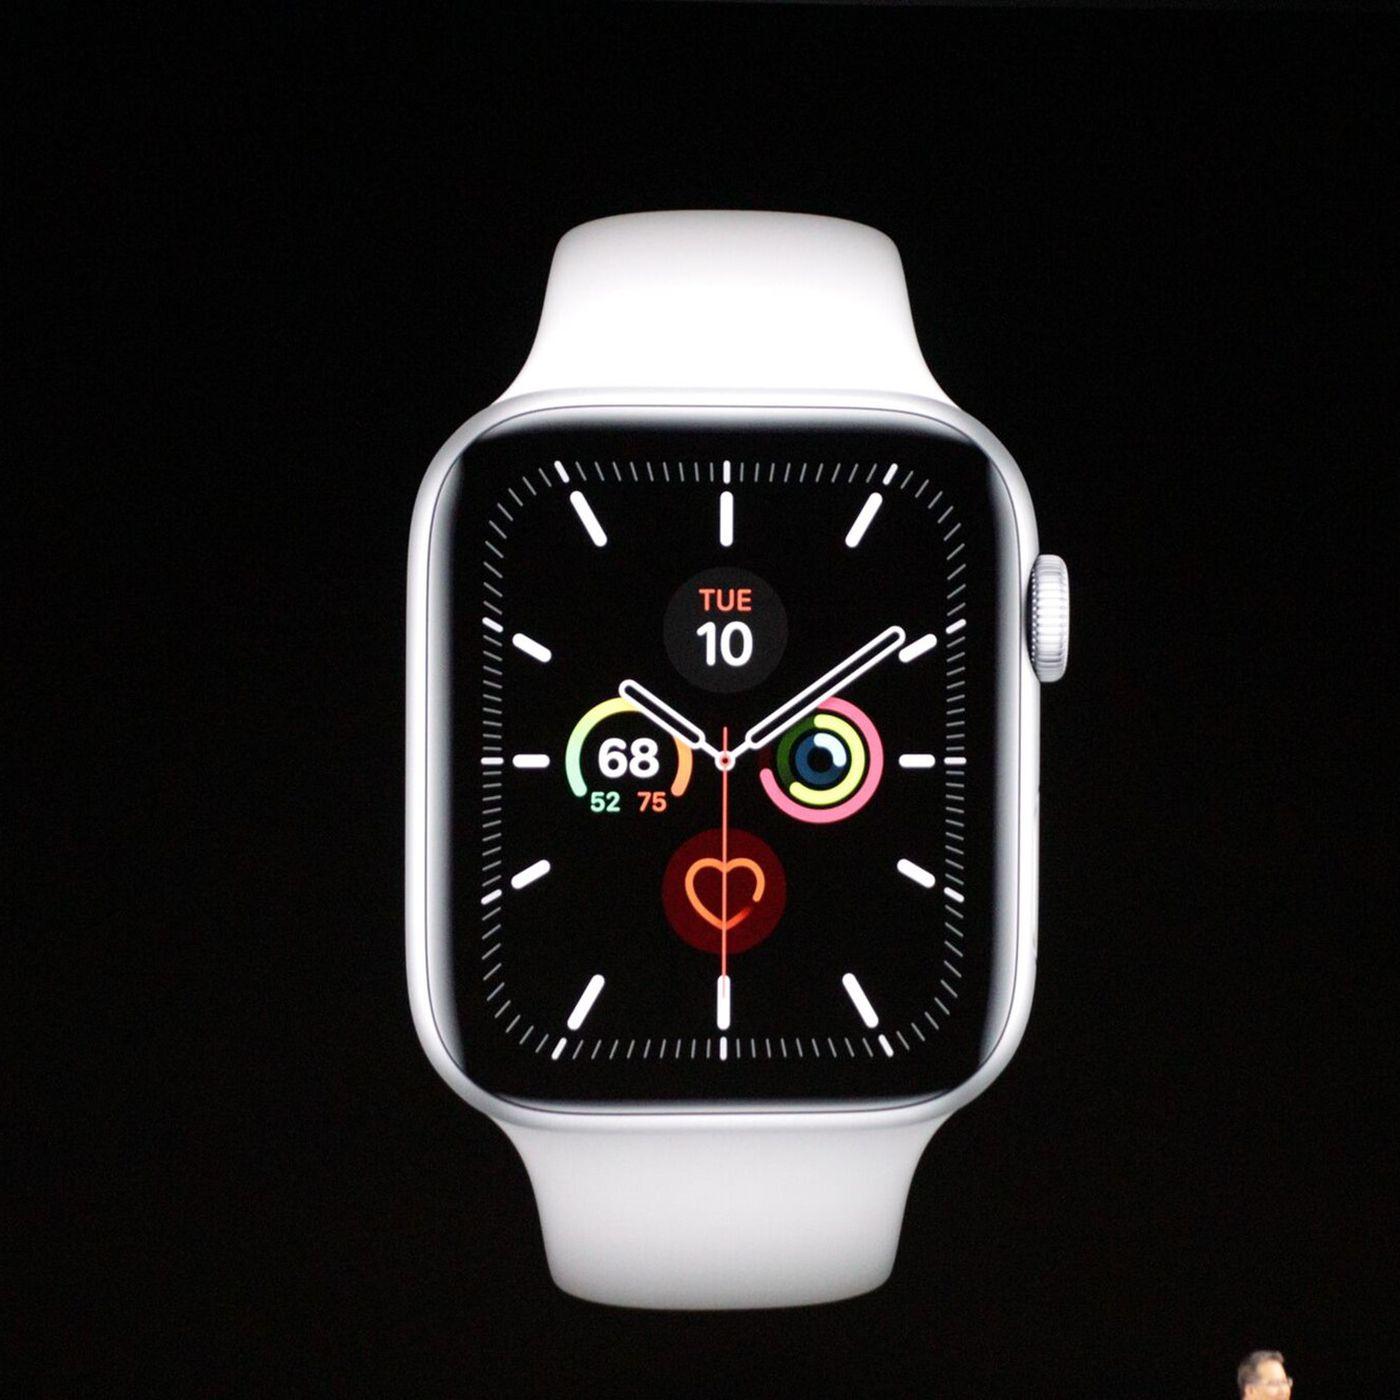 el precio más bajo 8f529 7d899 Apple Watch Series 5 has an always-on display and comes in ...